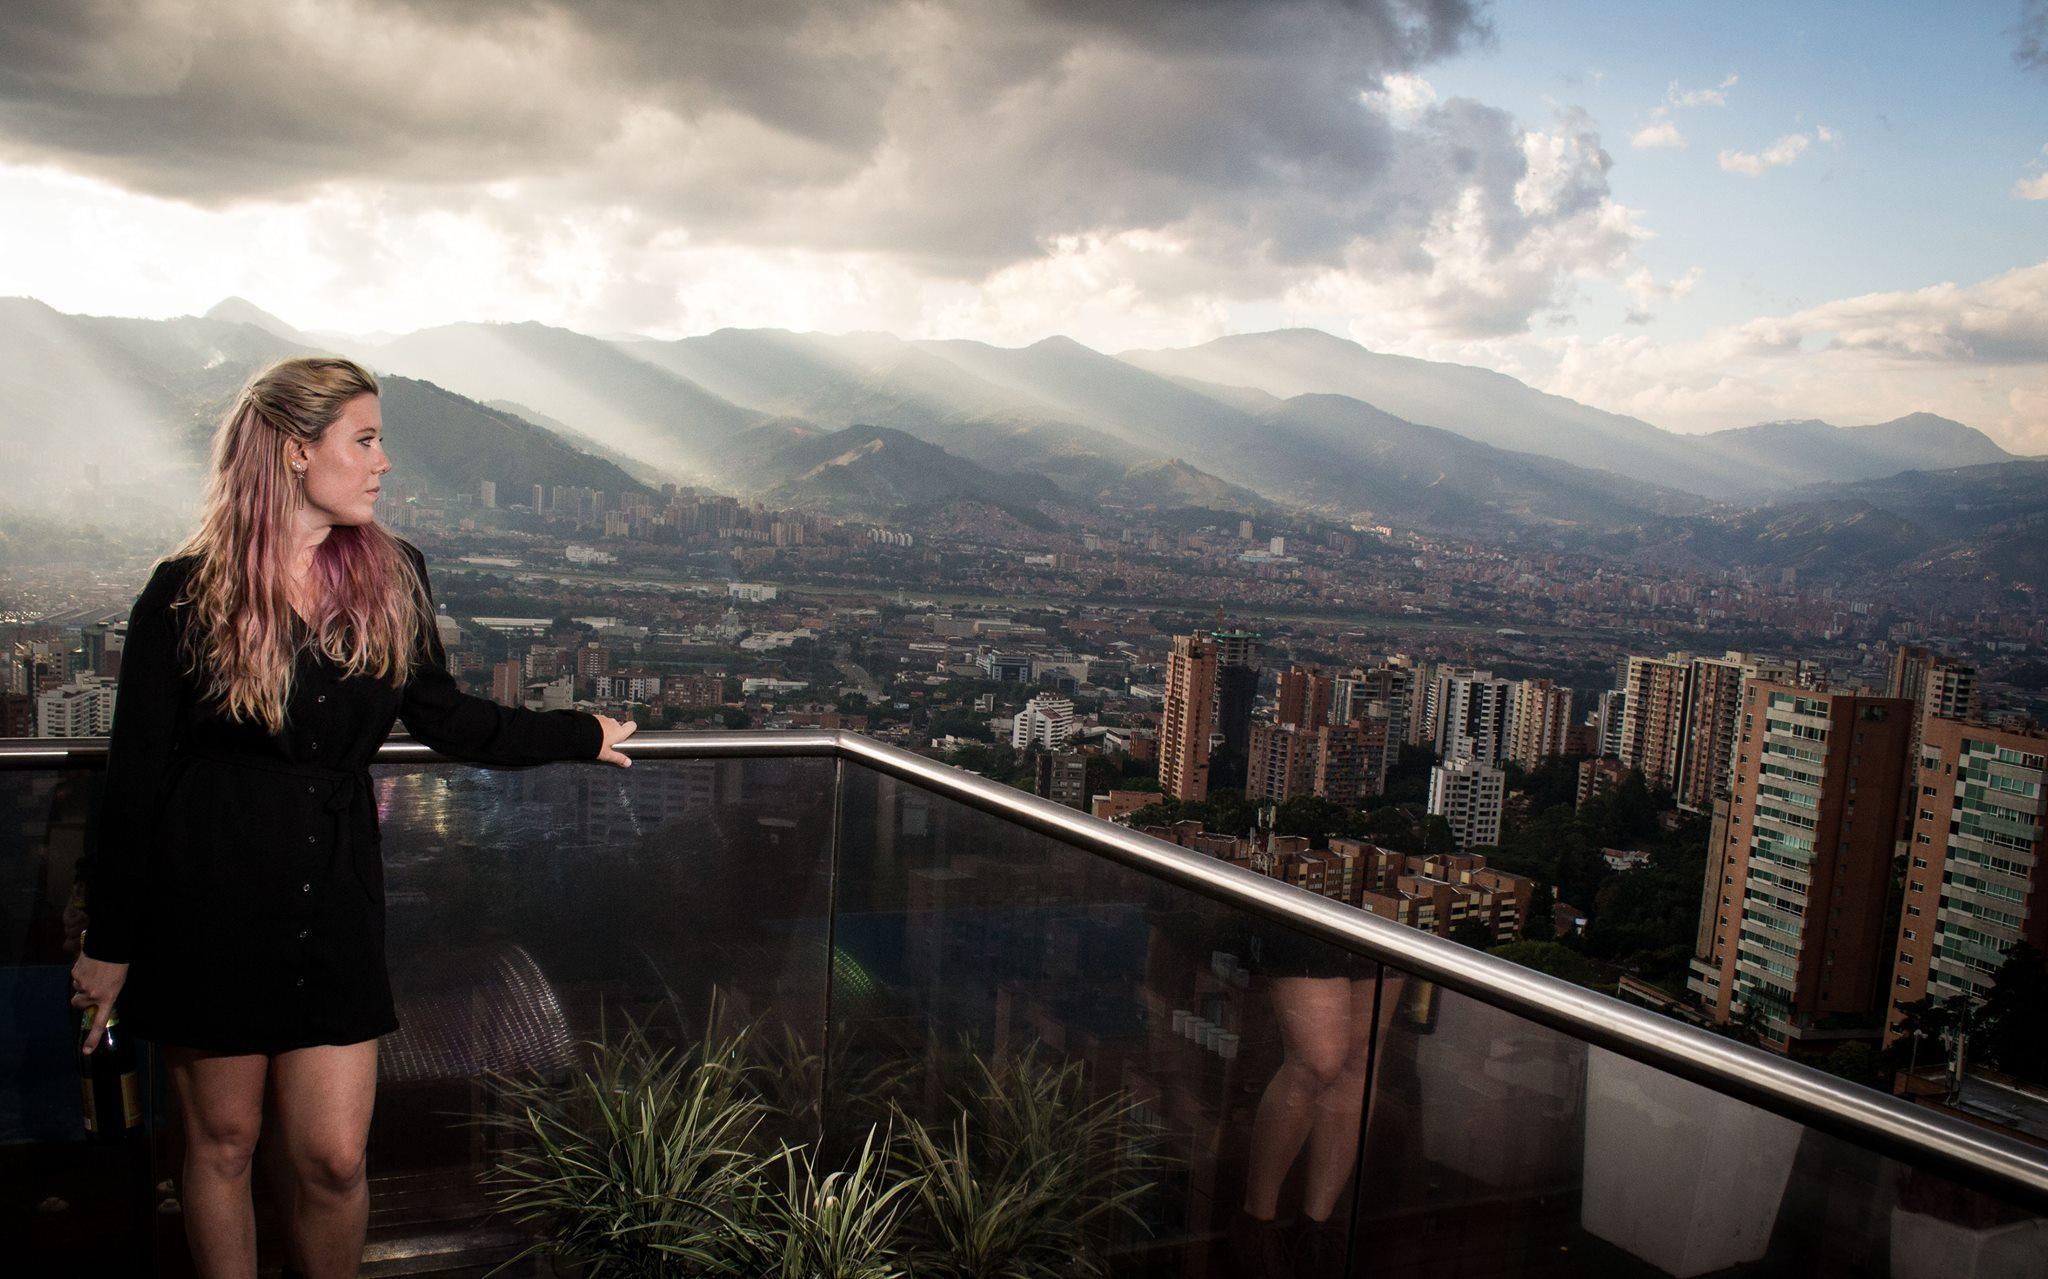 terrace, city view